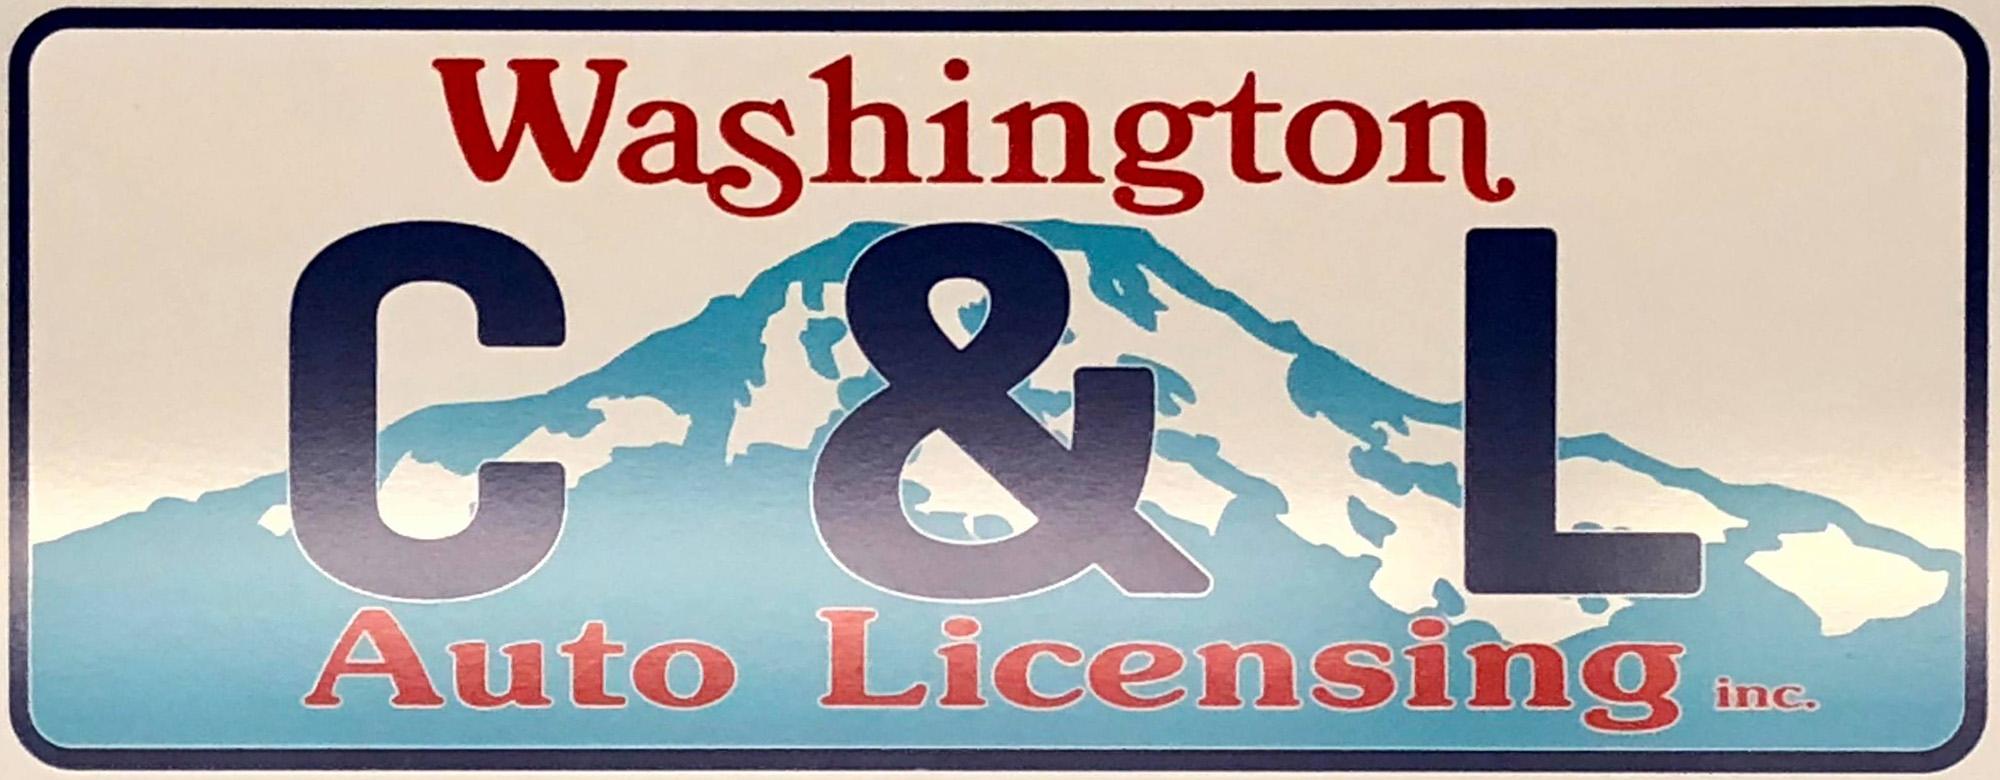 C&L Auto Licensing